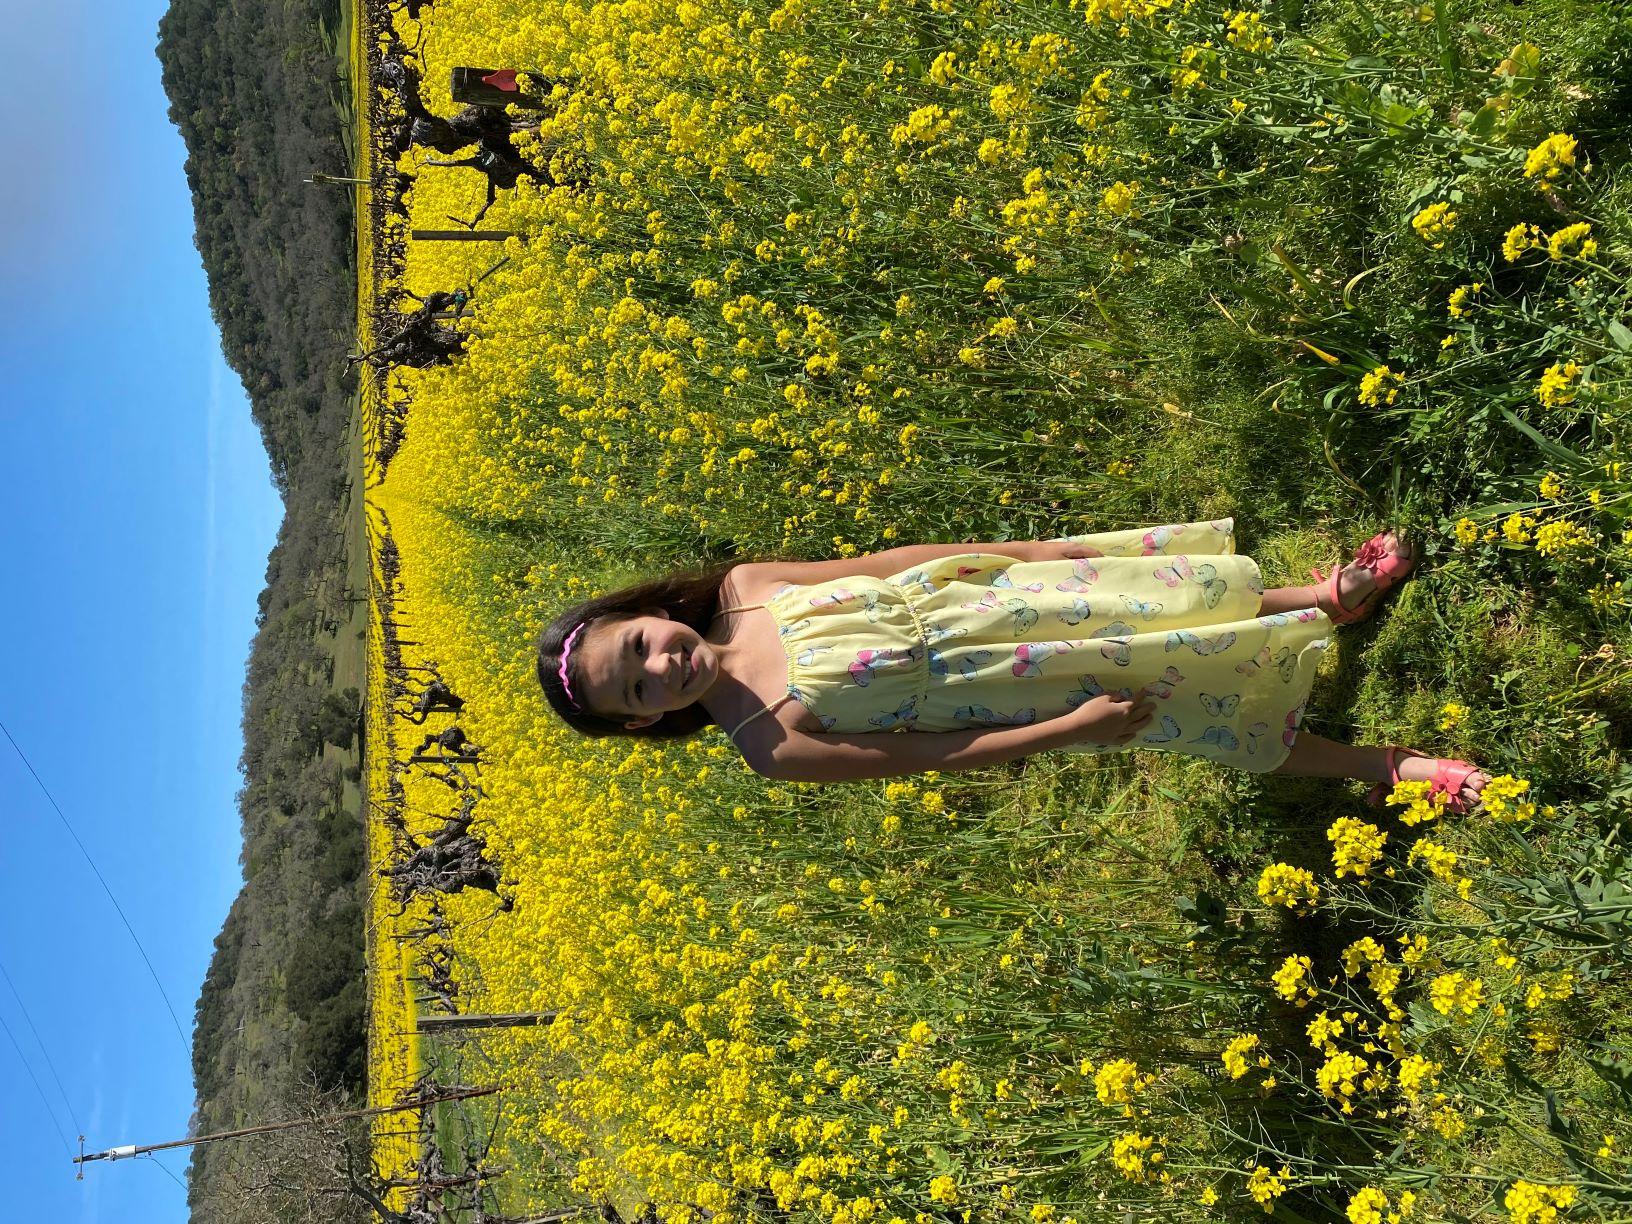 Mia in Mustard Field